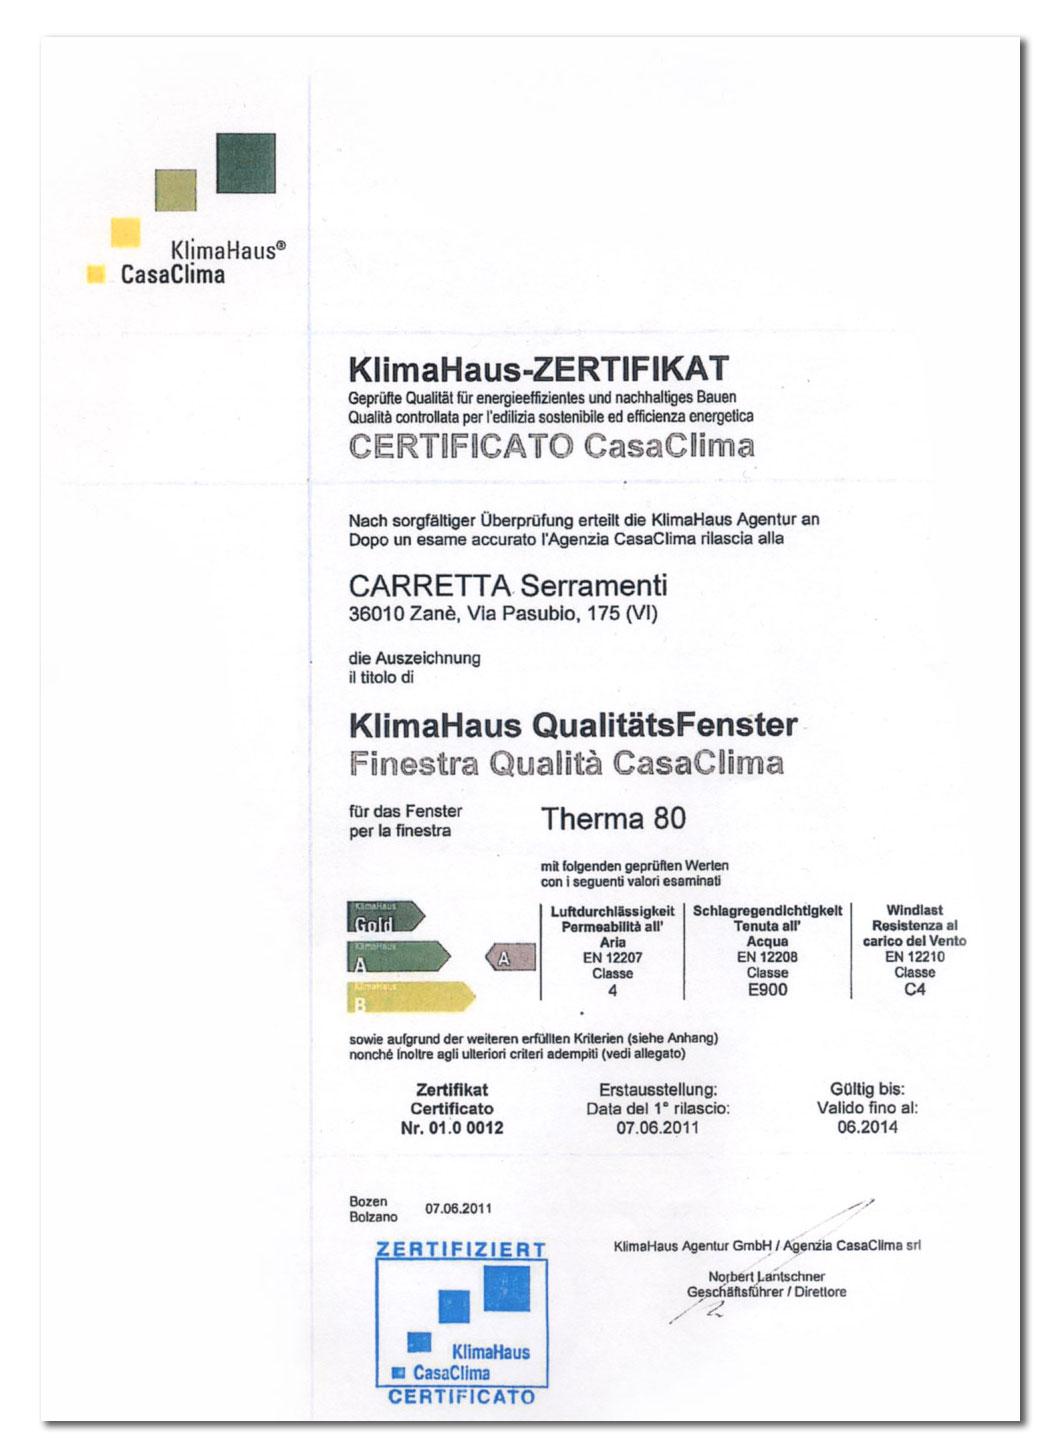 Carretta Serramenti Certificazione CasaClima KlimaHaus finestra qualità